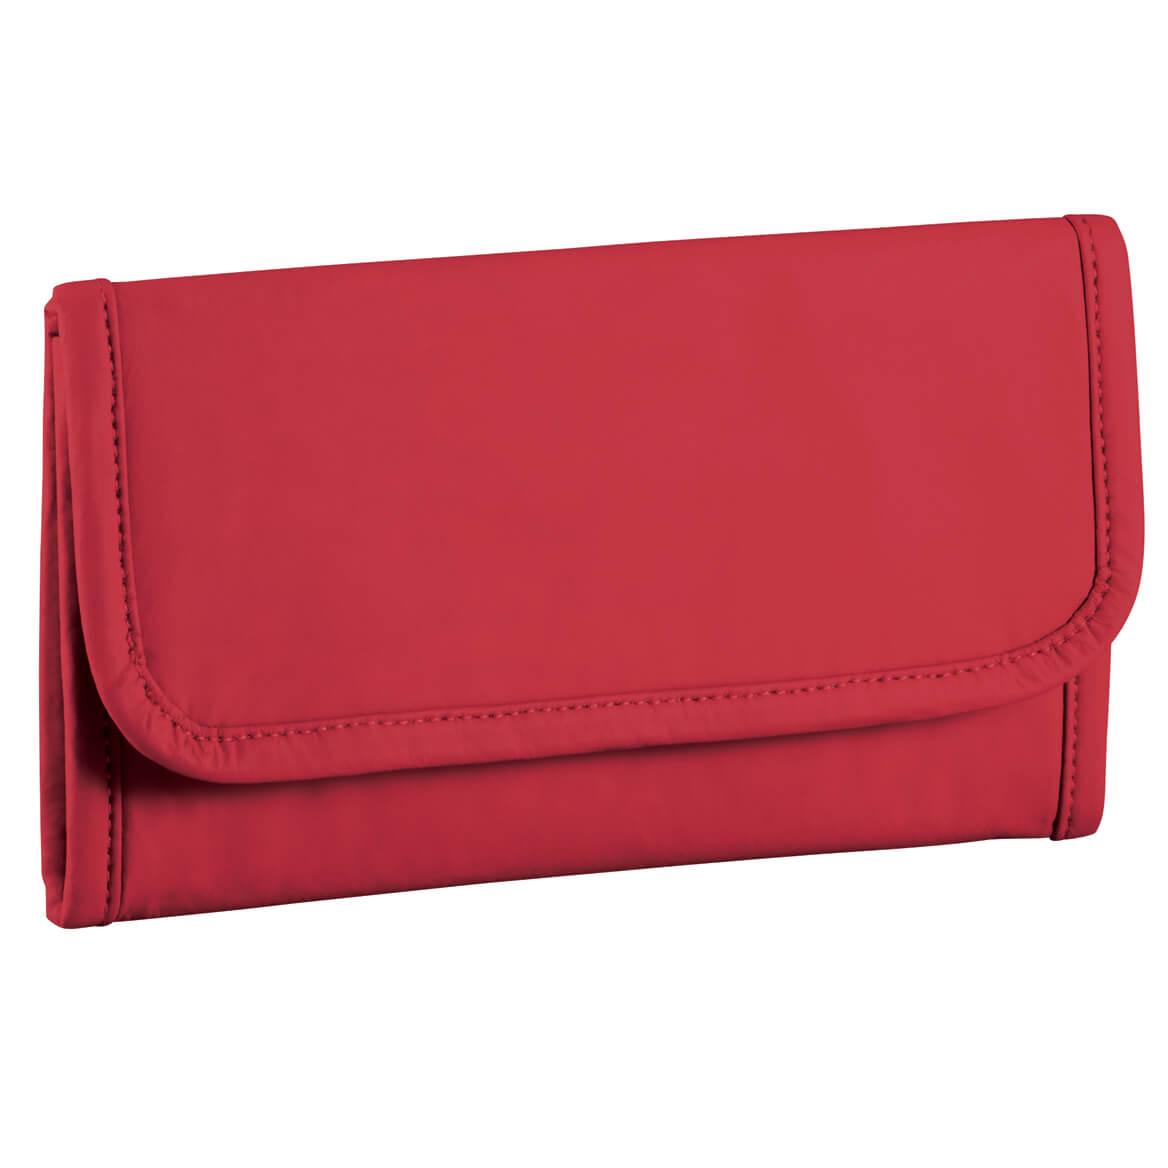 Machine Washable Wallet